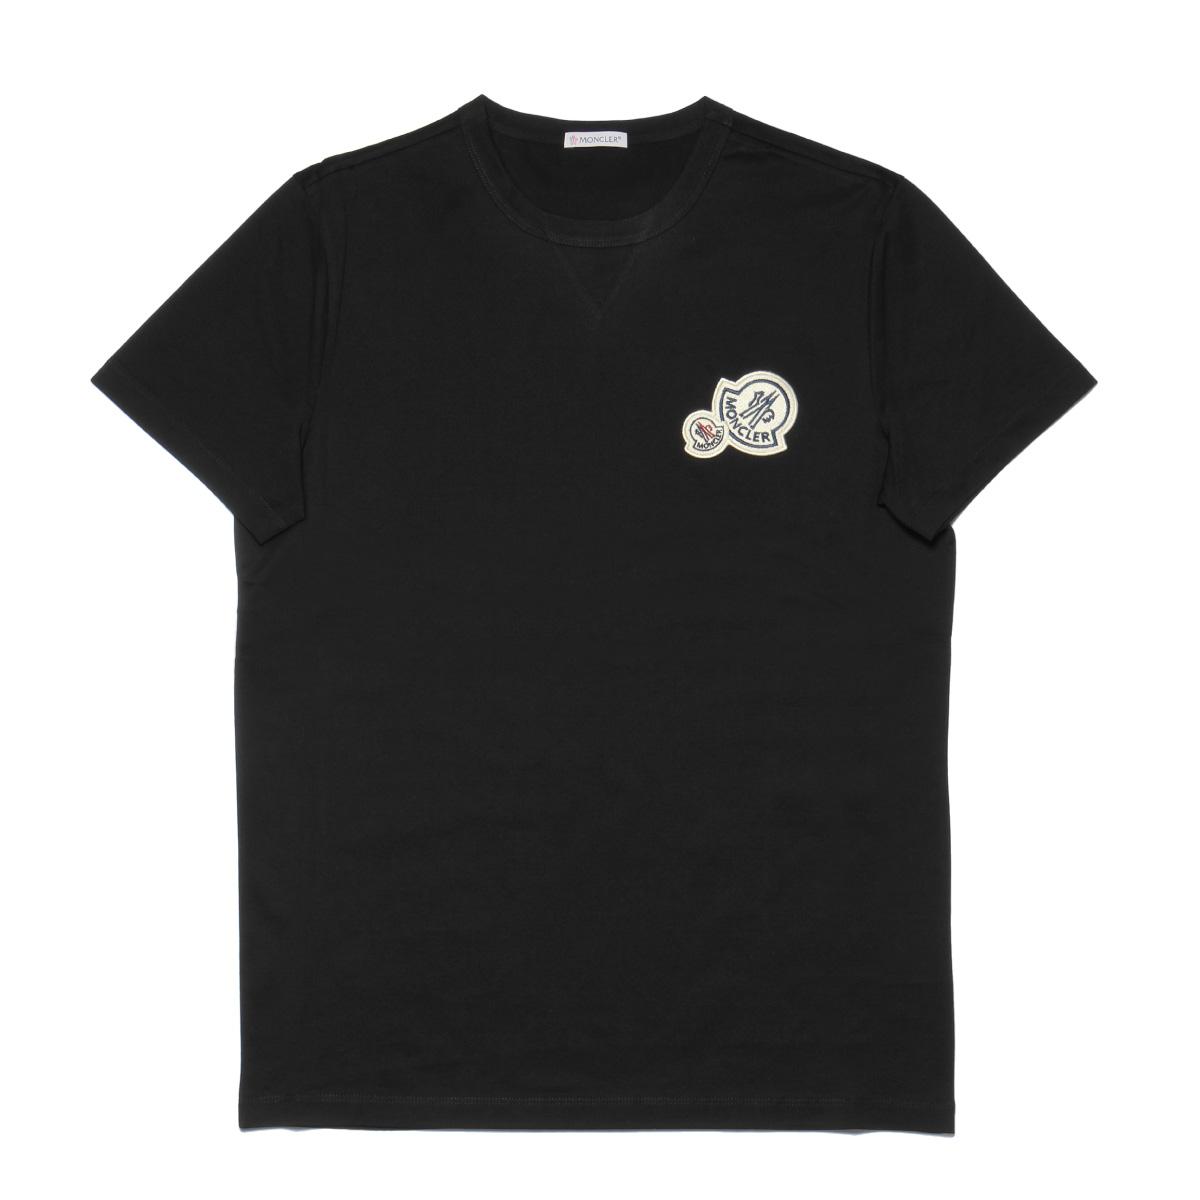 モンクレール MONCLER Tシャツ メンズ 8032500 8390Y 999 半袖Tシャツ BLACK ブラック